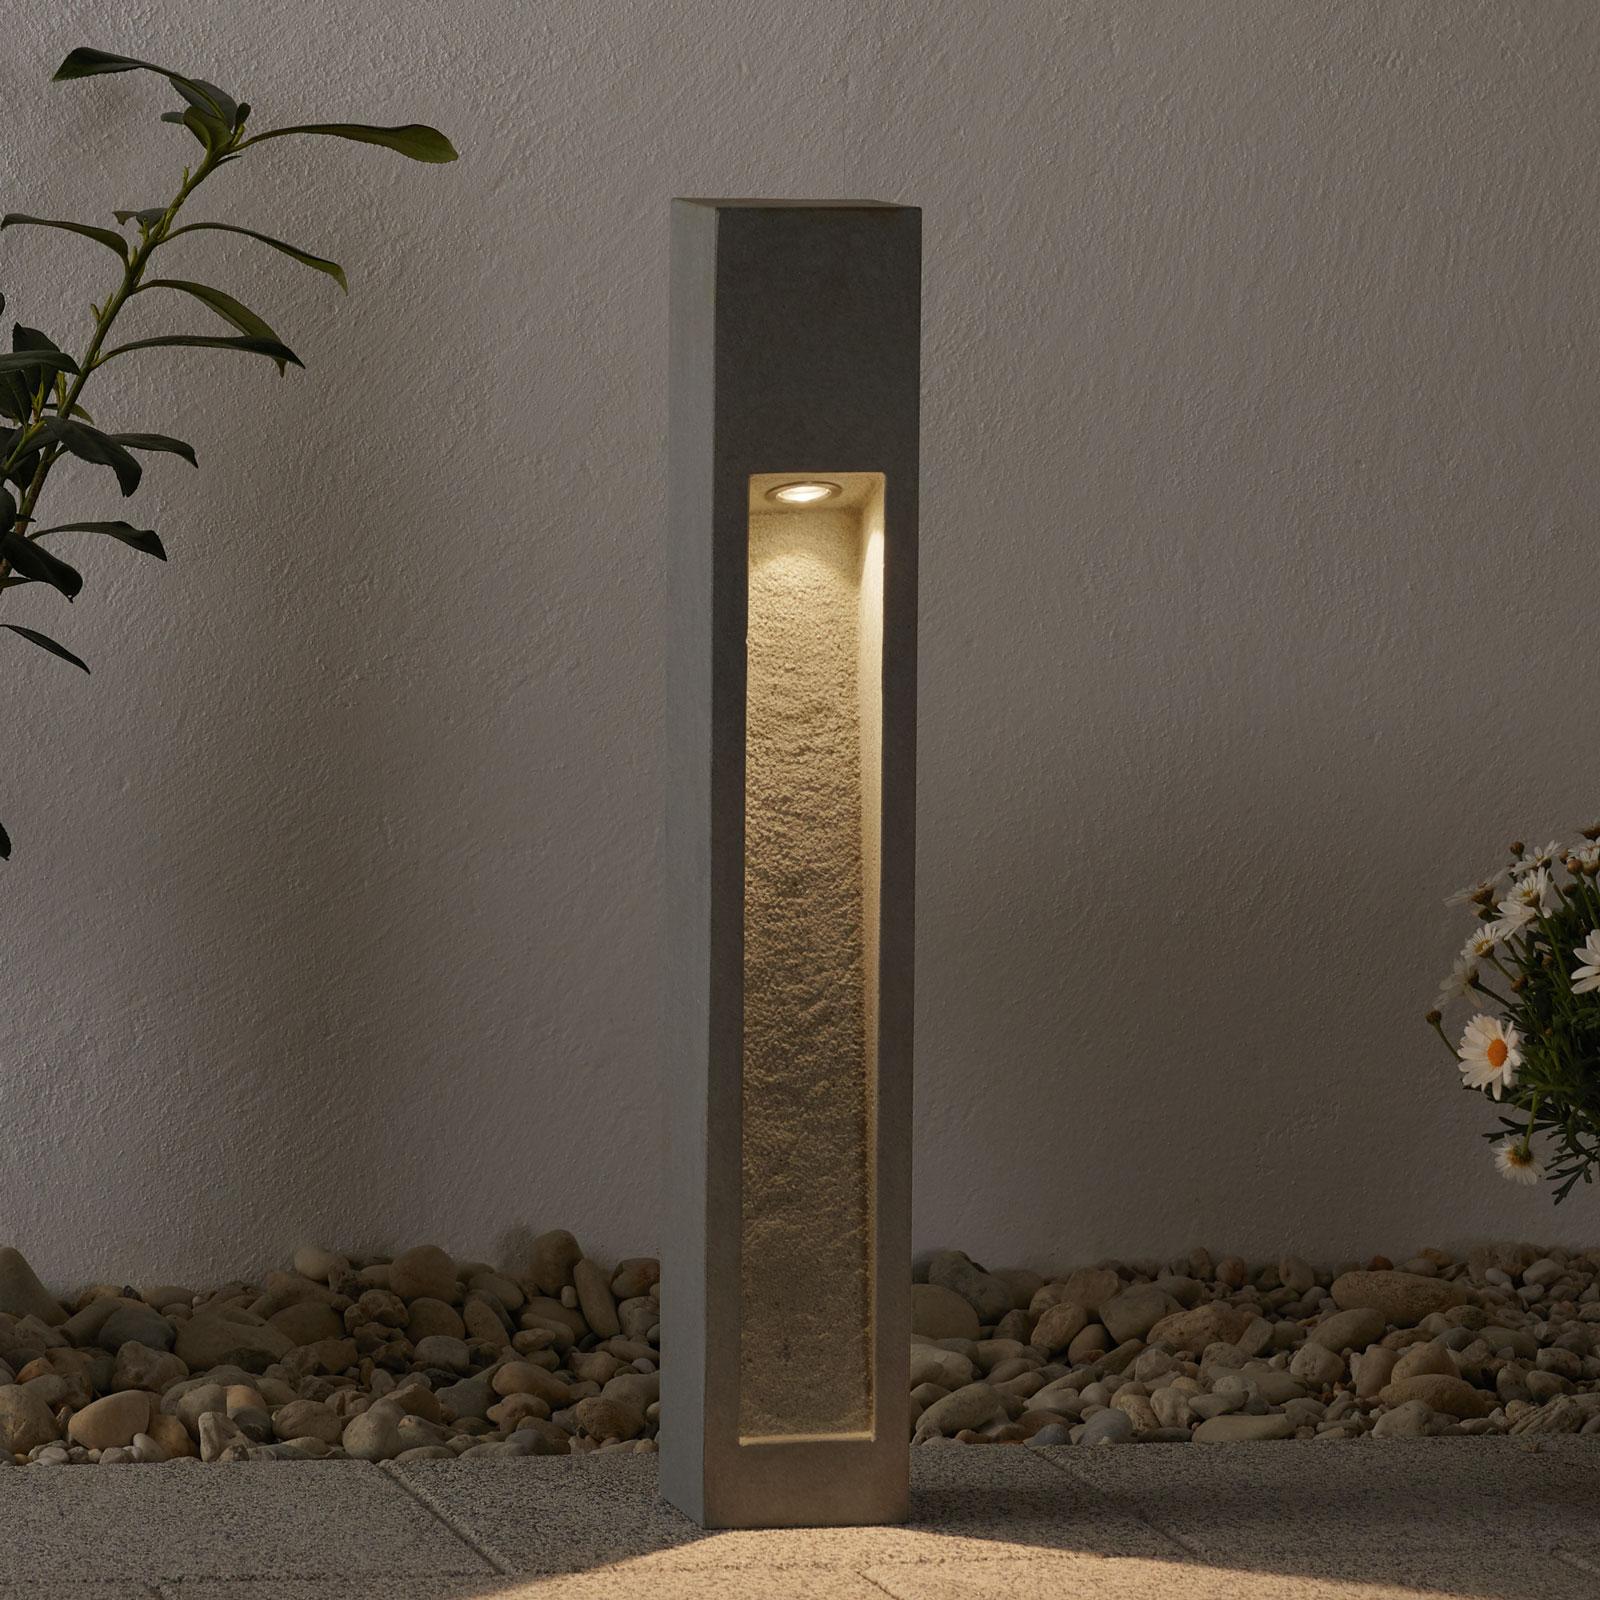 SLV Arrock Stone LED path light, natural stone_5504786_1